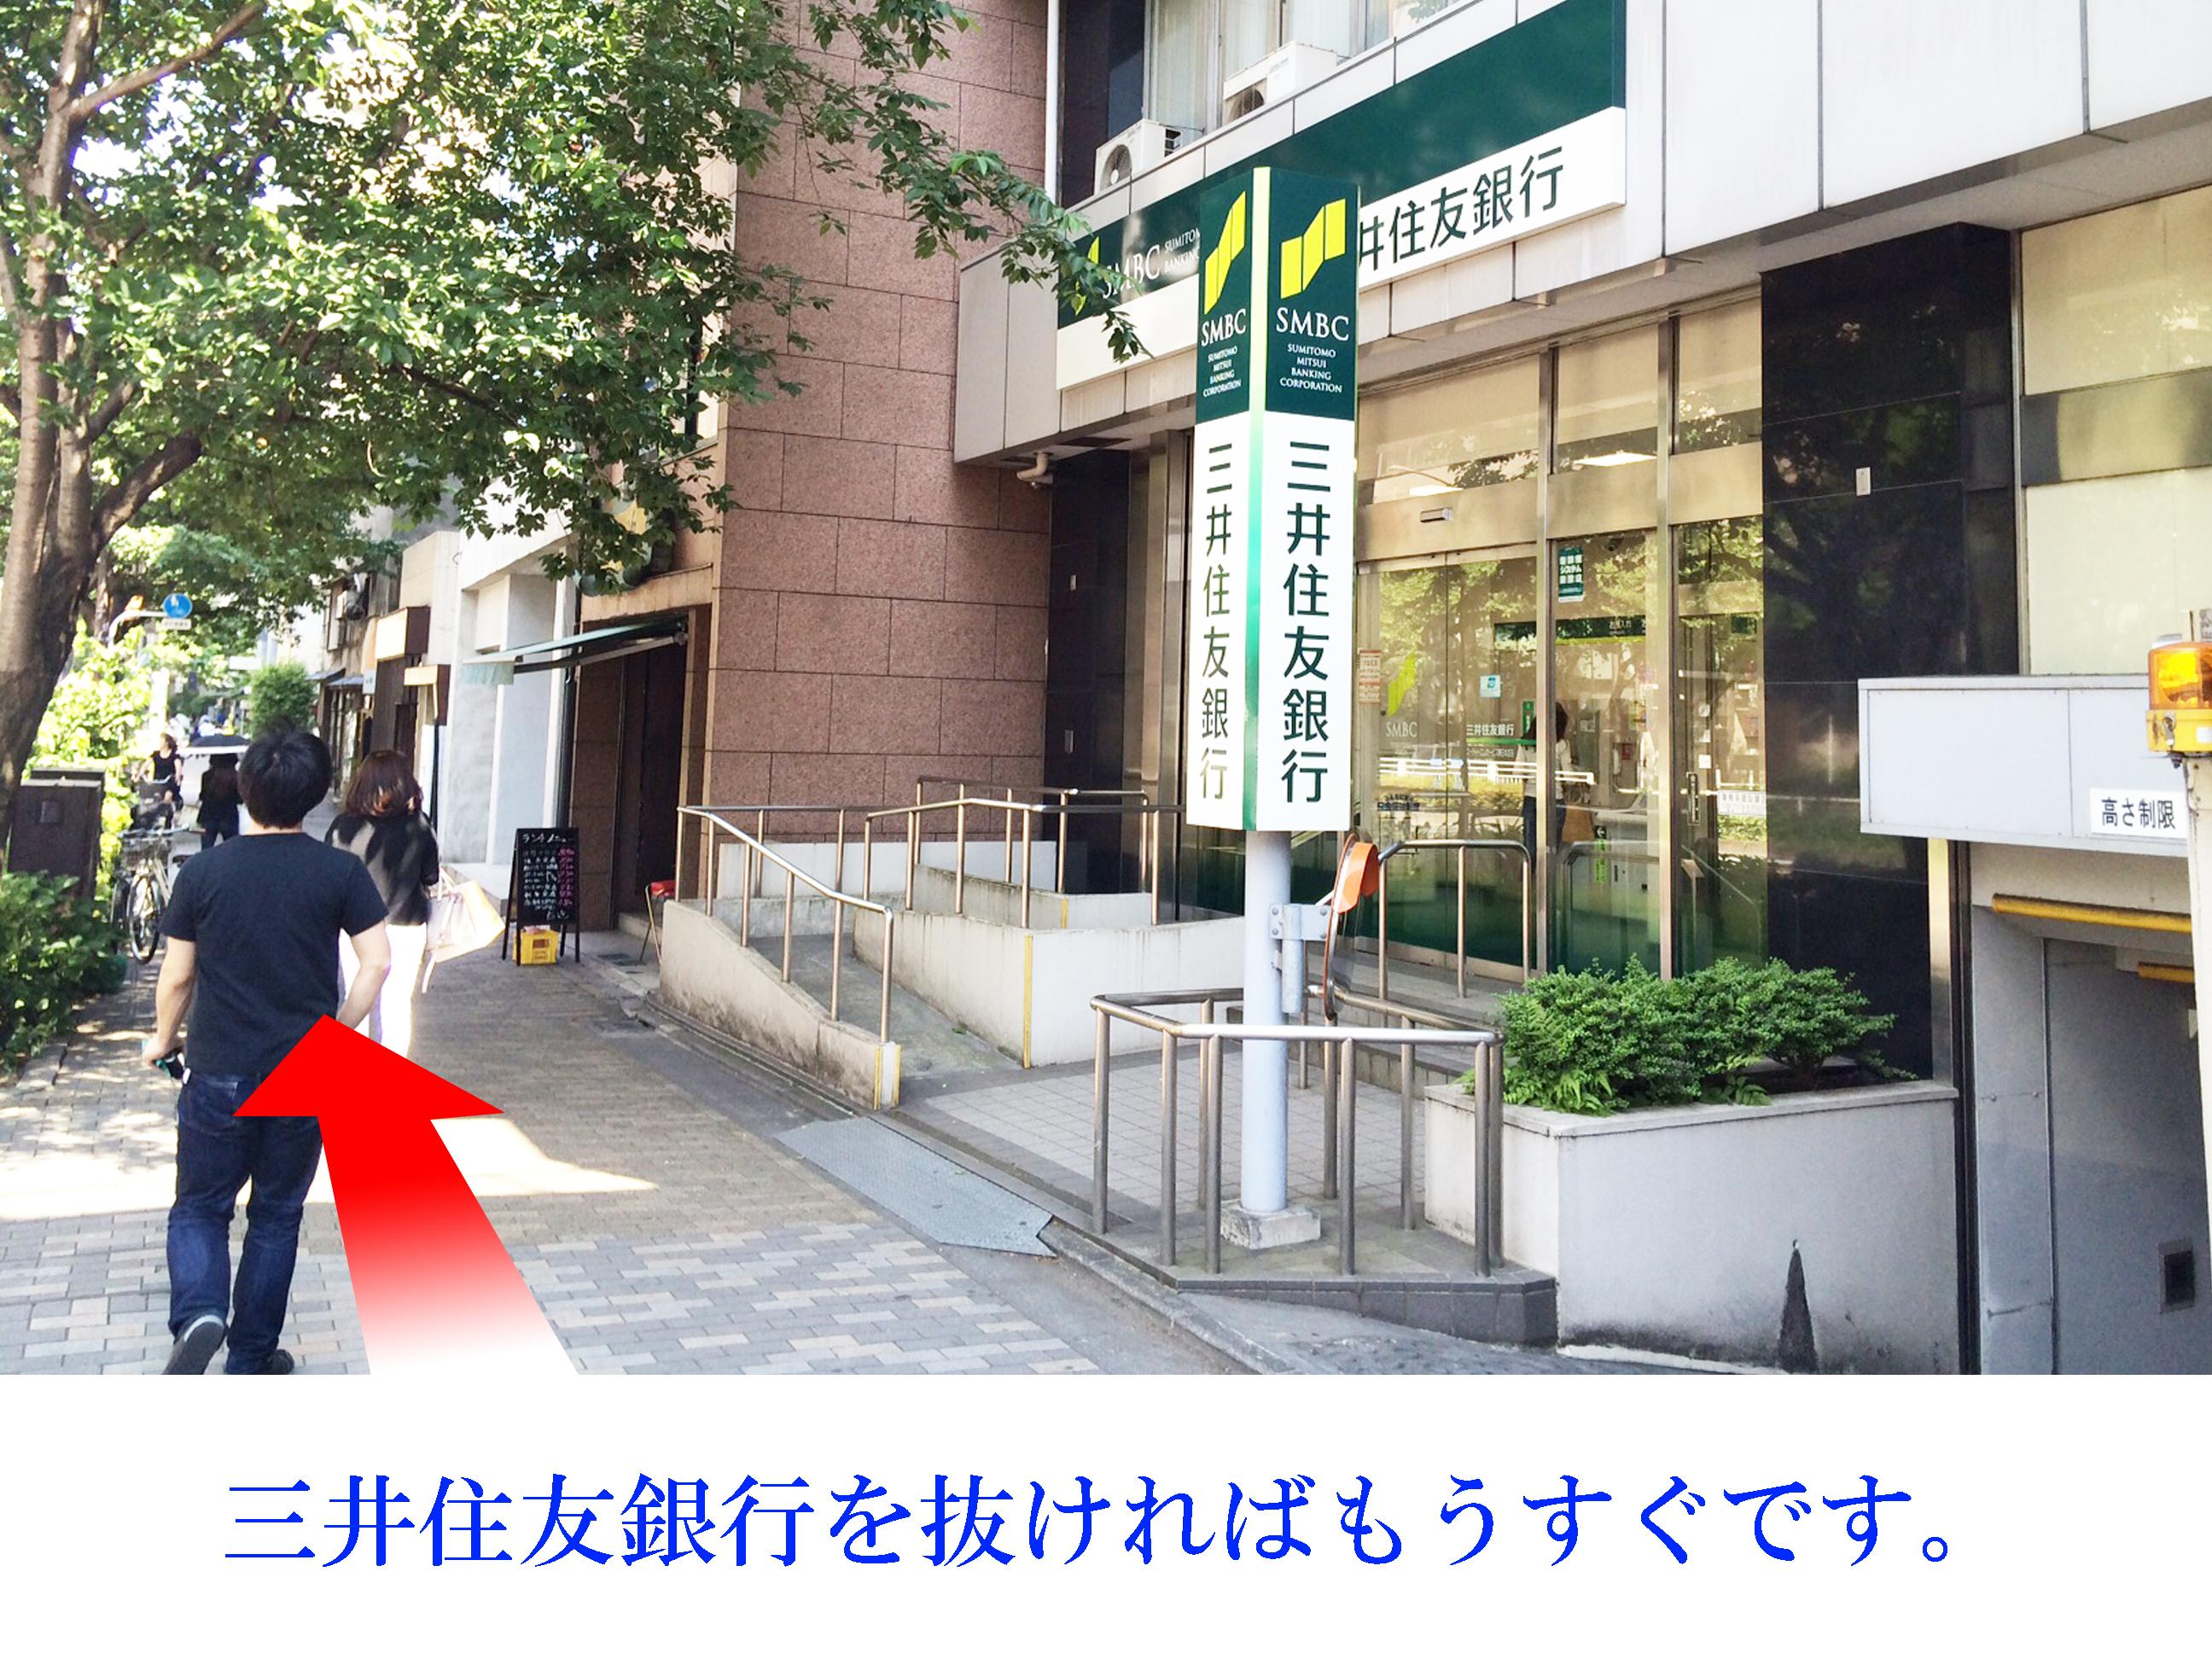 三井住友銀行を通過します。もうすぐです!